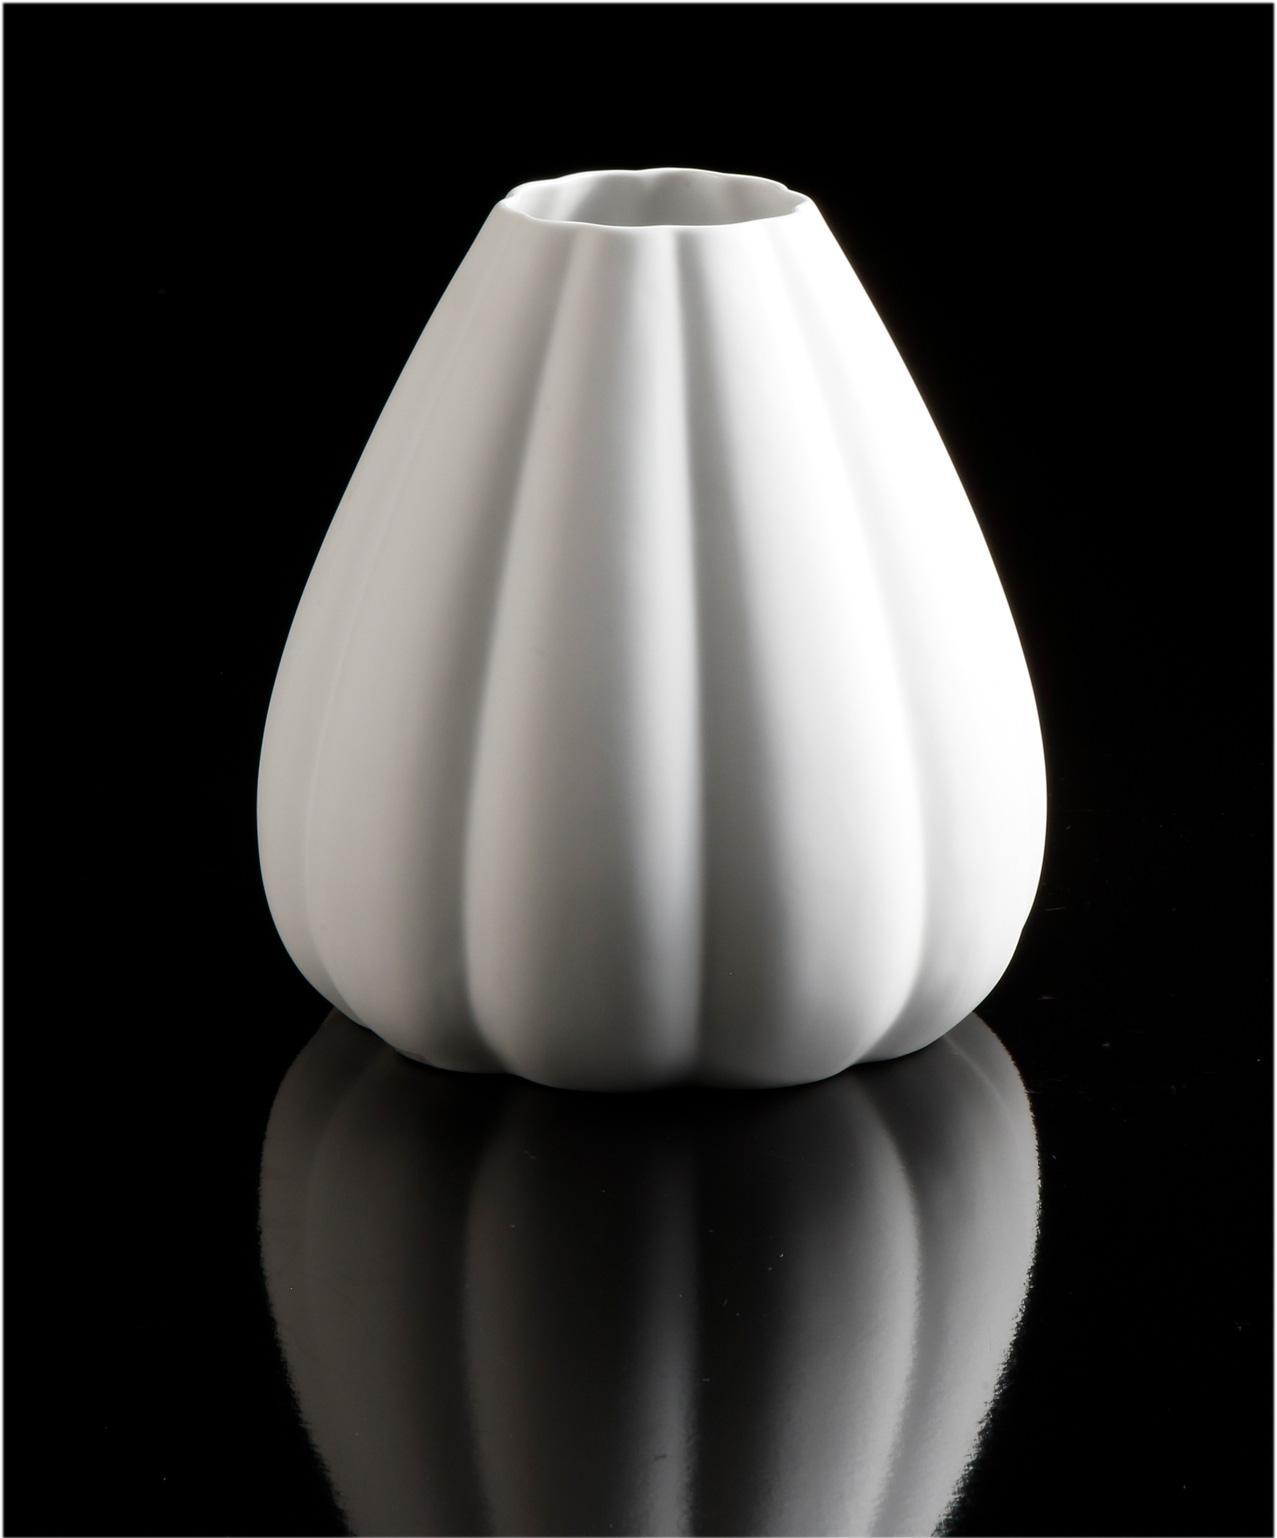 Das weiße Gold von Kaiser Porzellan - hochwertig, attraktiv, zeitlos, funktionell und nachhaltig - für den guten Geschmack und die vielen kleinen und großen festlichen Momente des Lebens. Vase - Convex